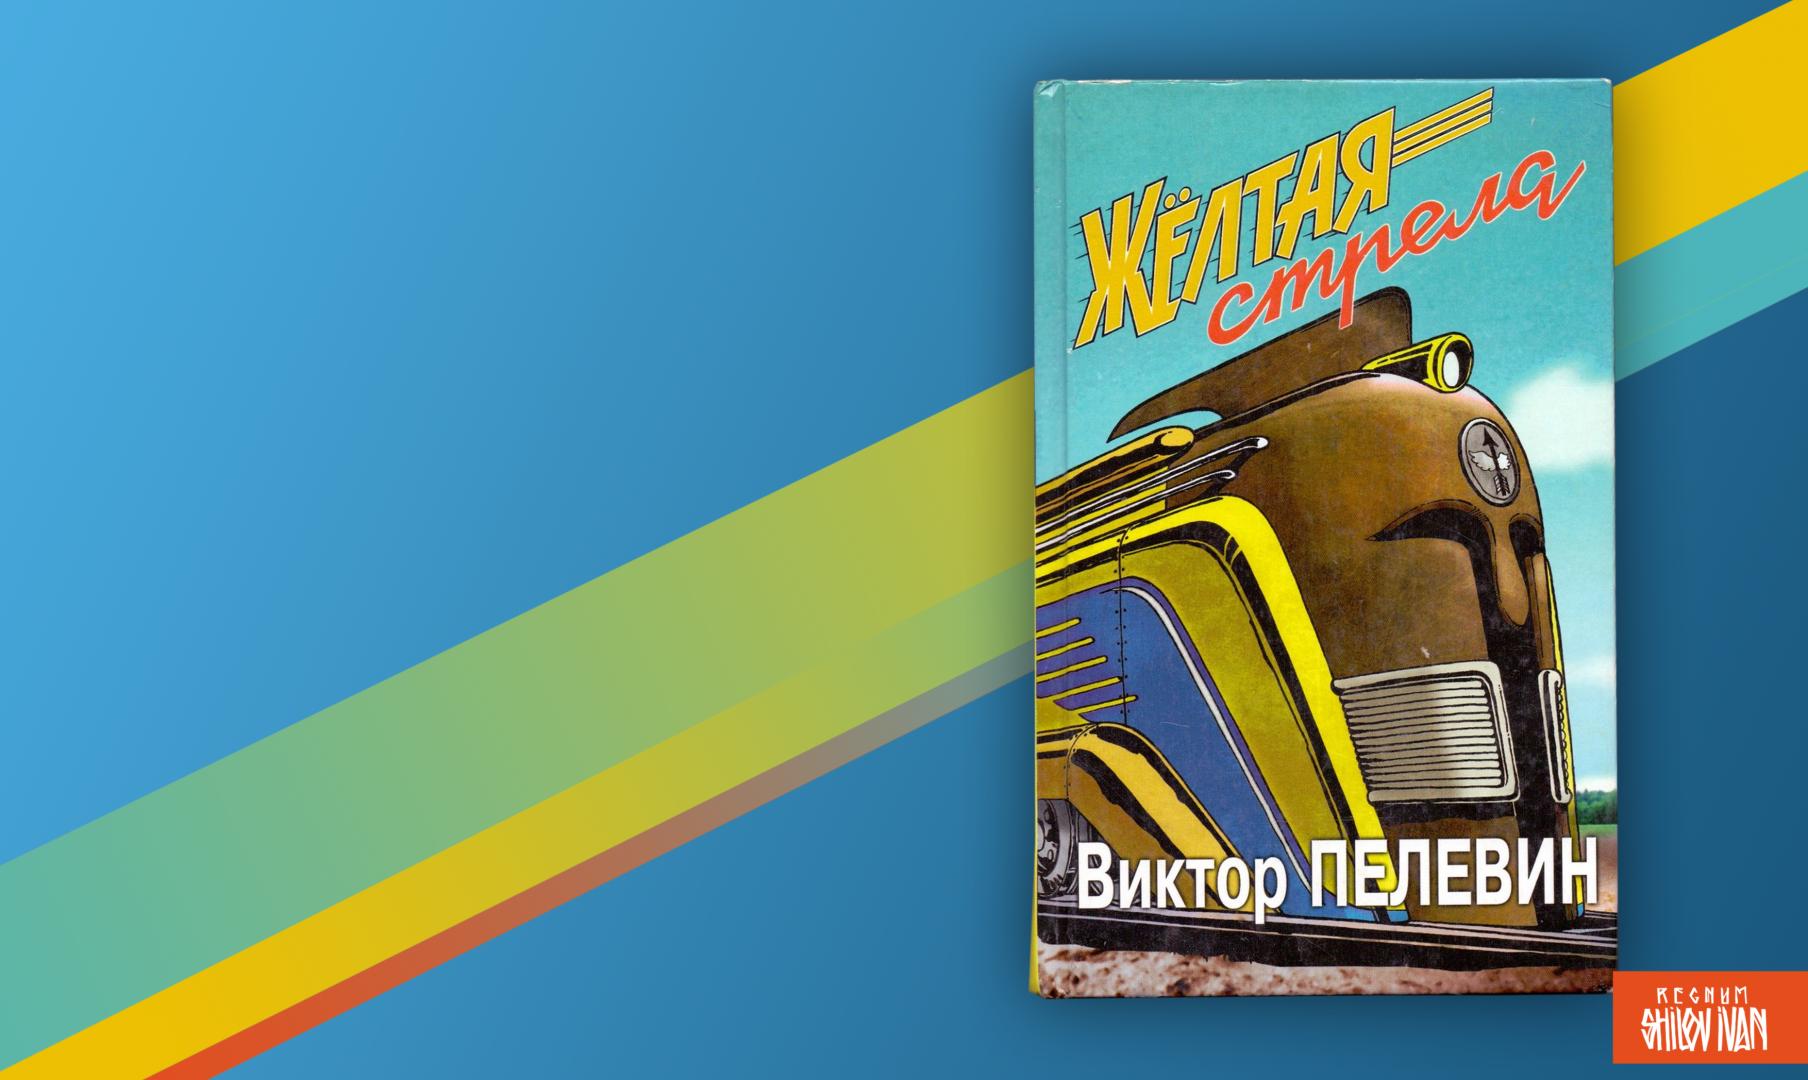 Обложка книги Виктора Пелевина «Желтая стрела» Издание 1993 года